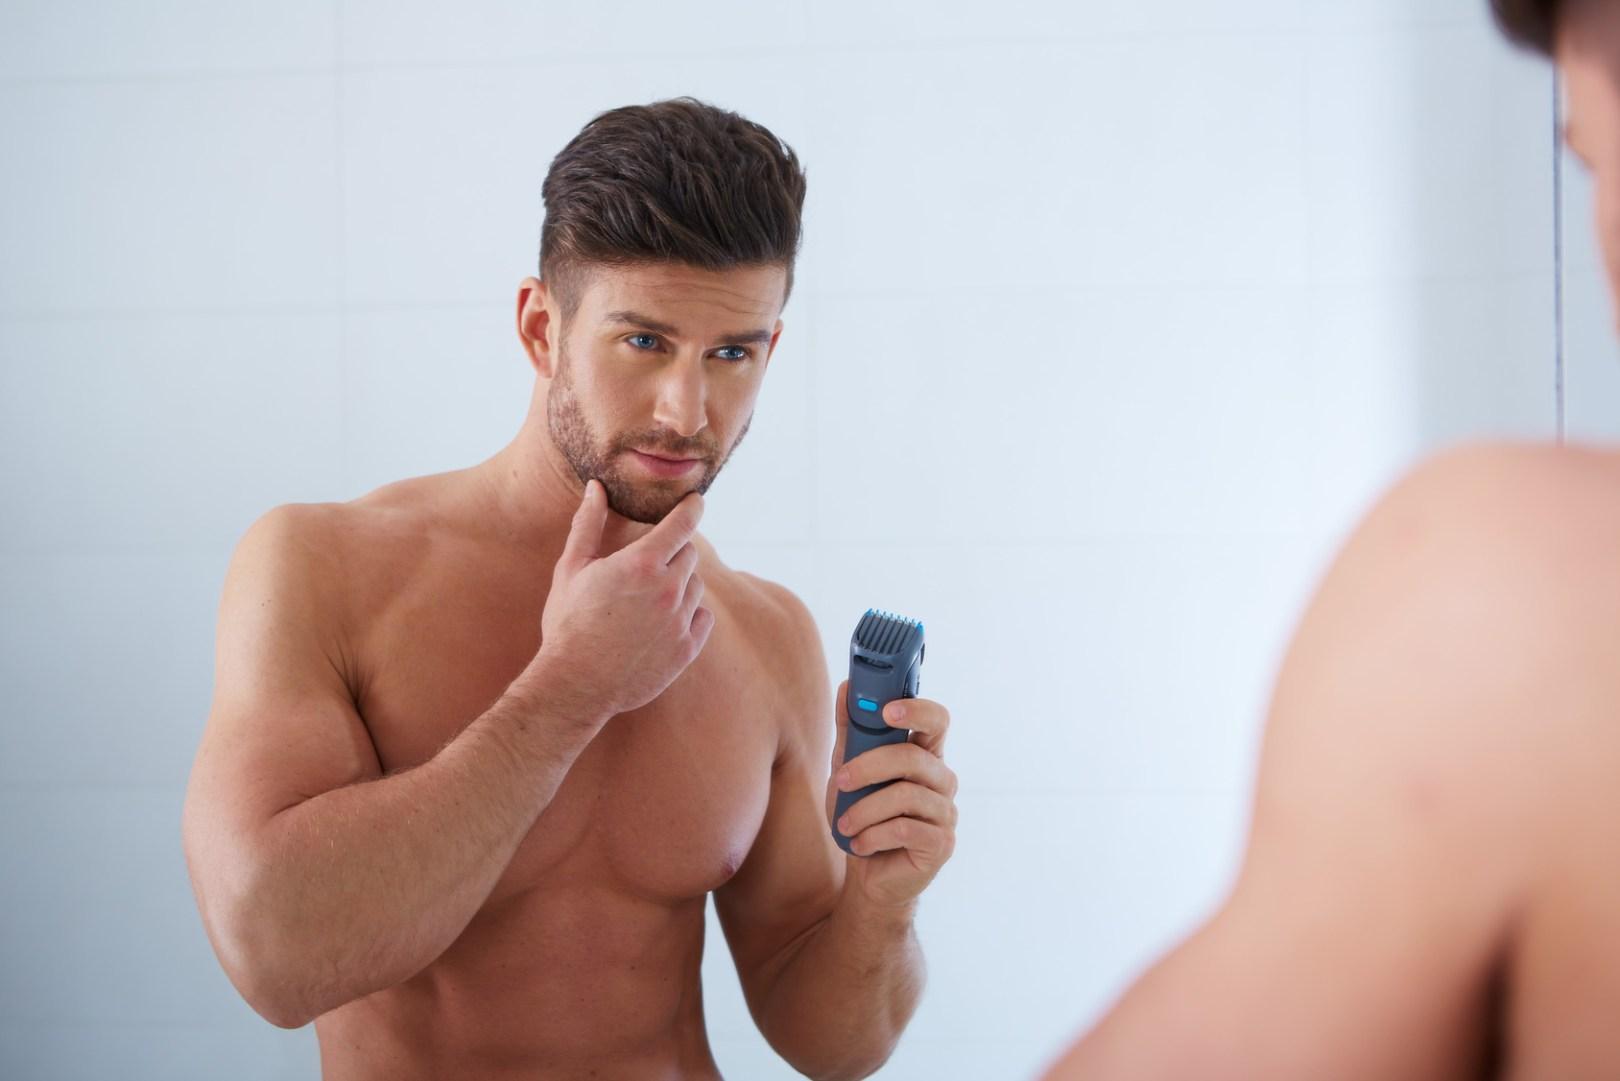 Rasiert Oder Bart Was Finden Frauen Wirklich Sexy Barber Trends